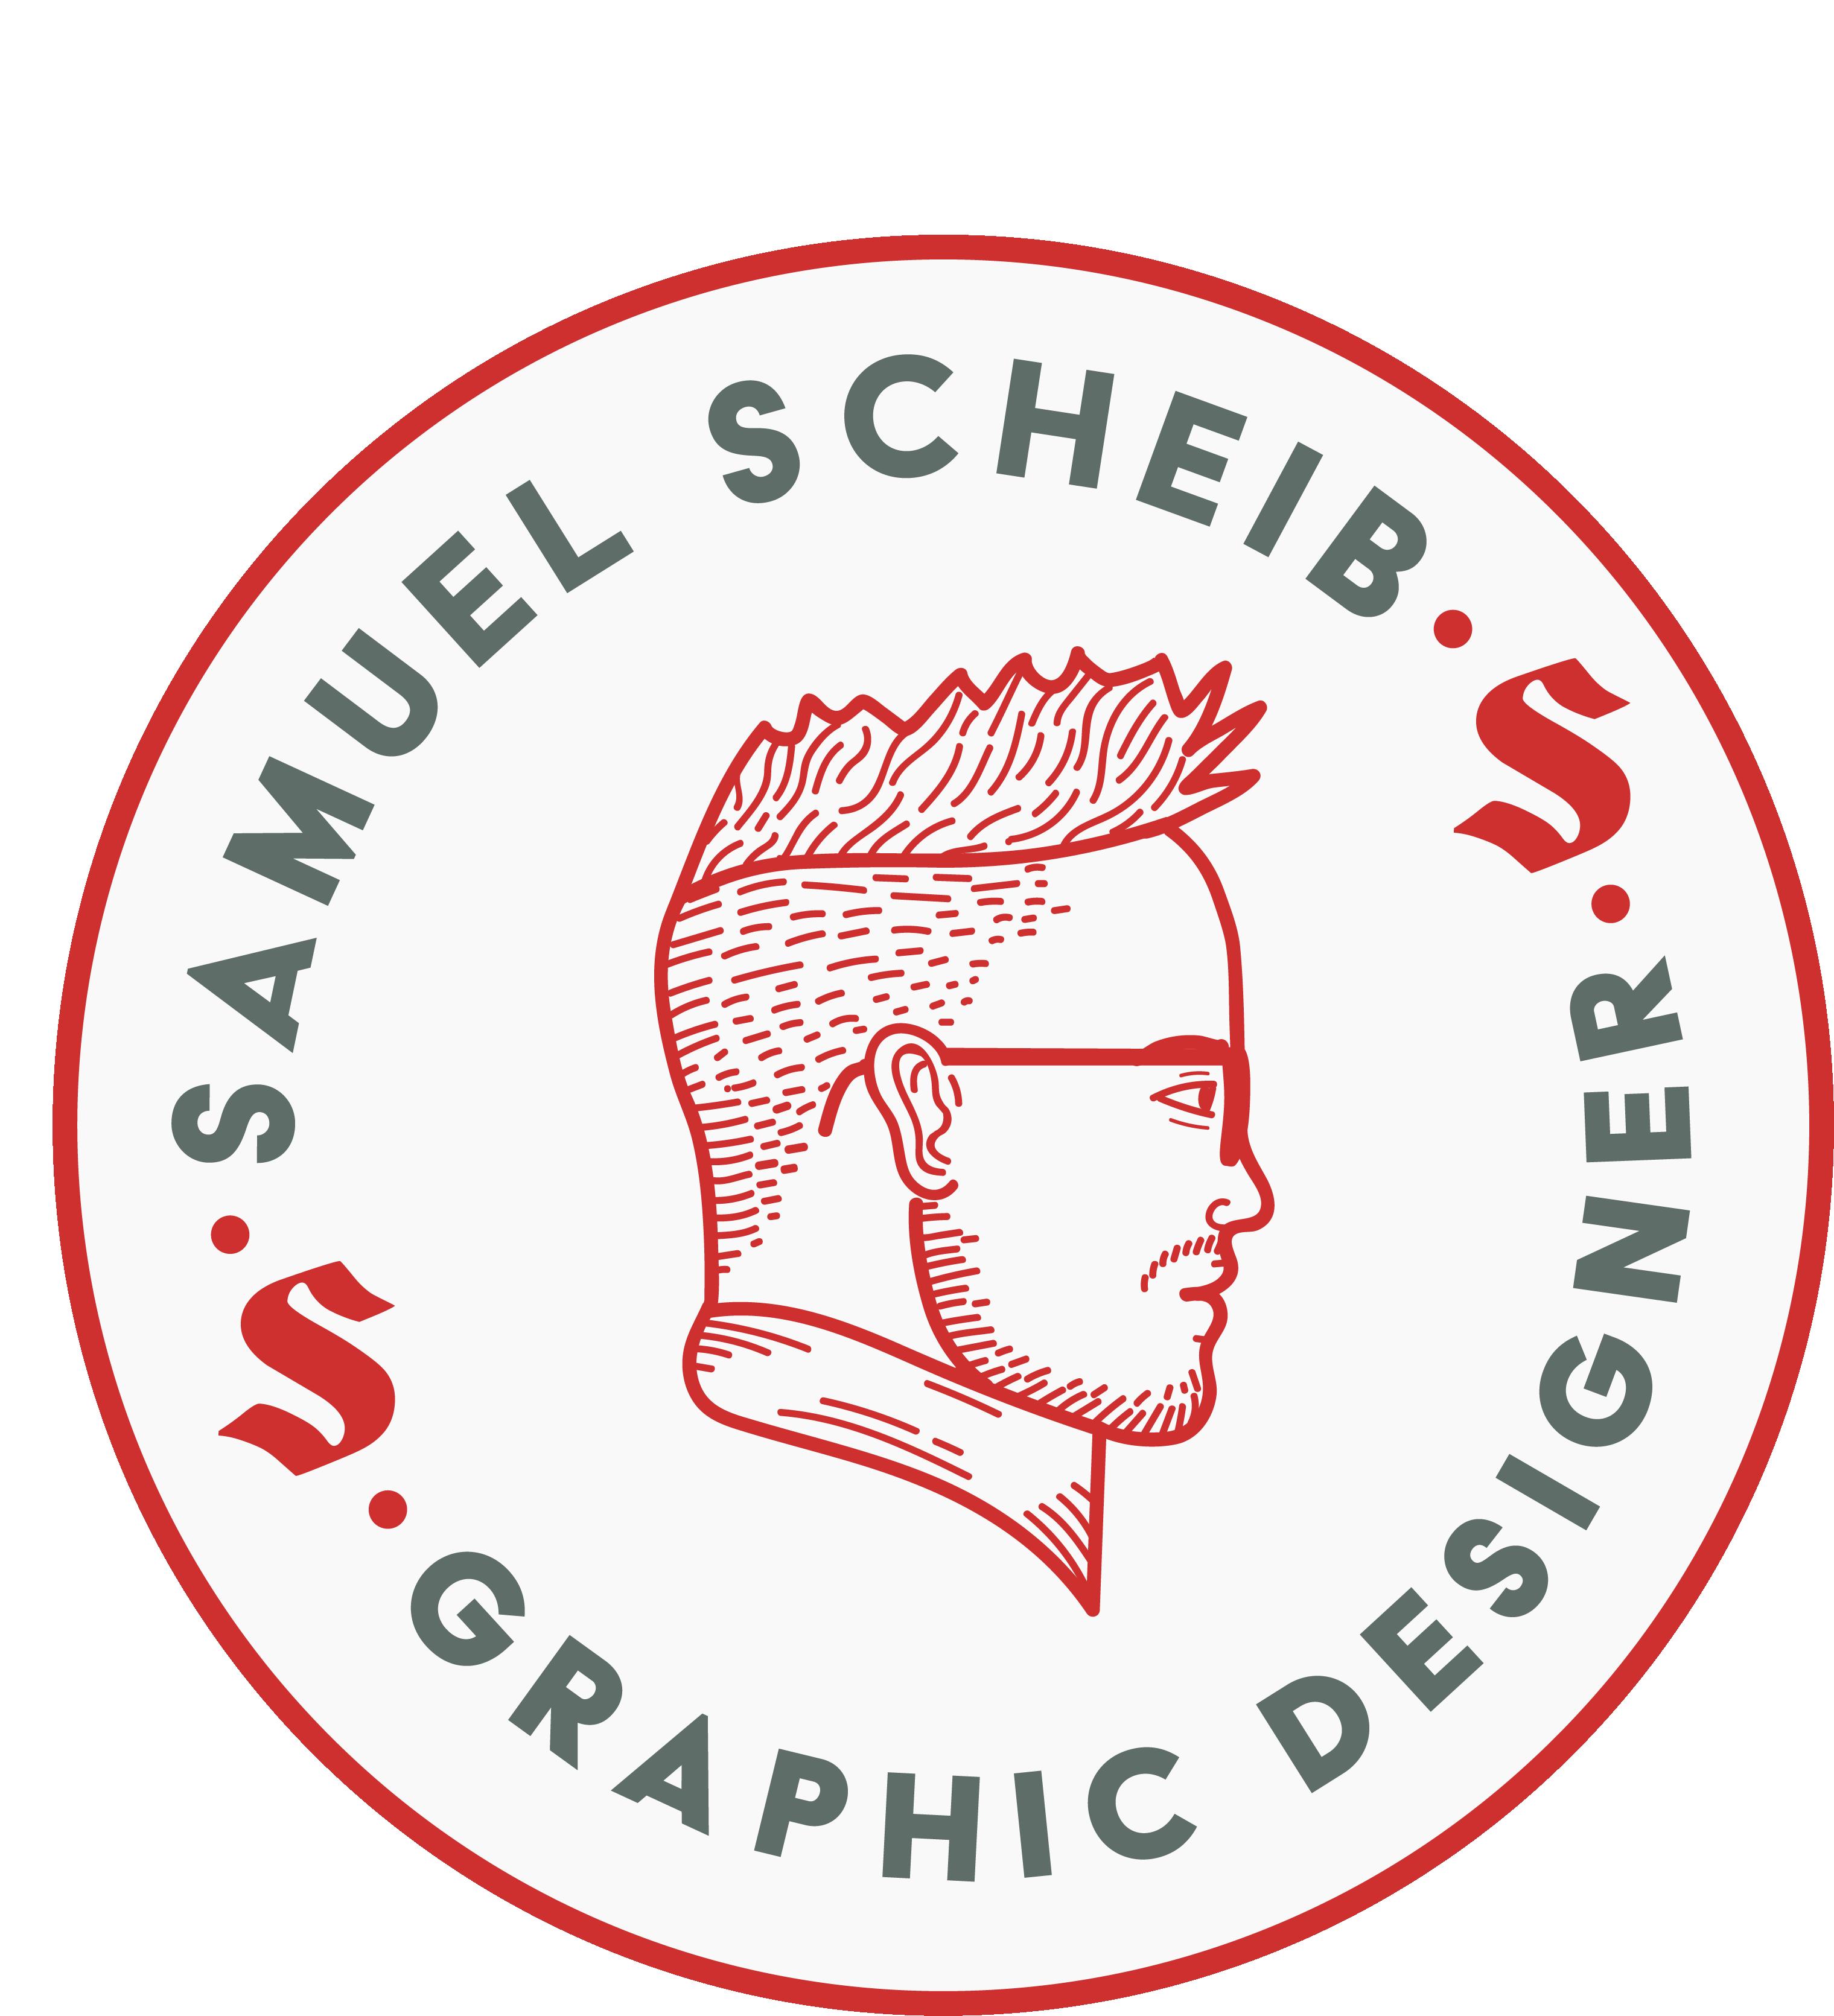 Samuel Scheib